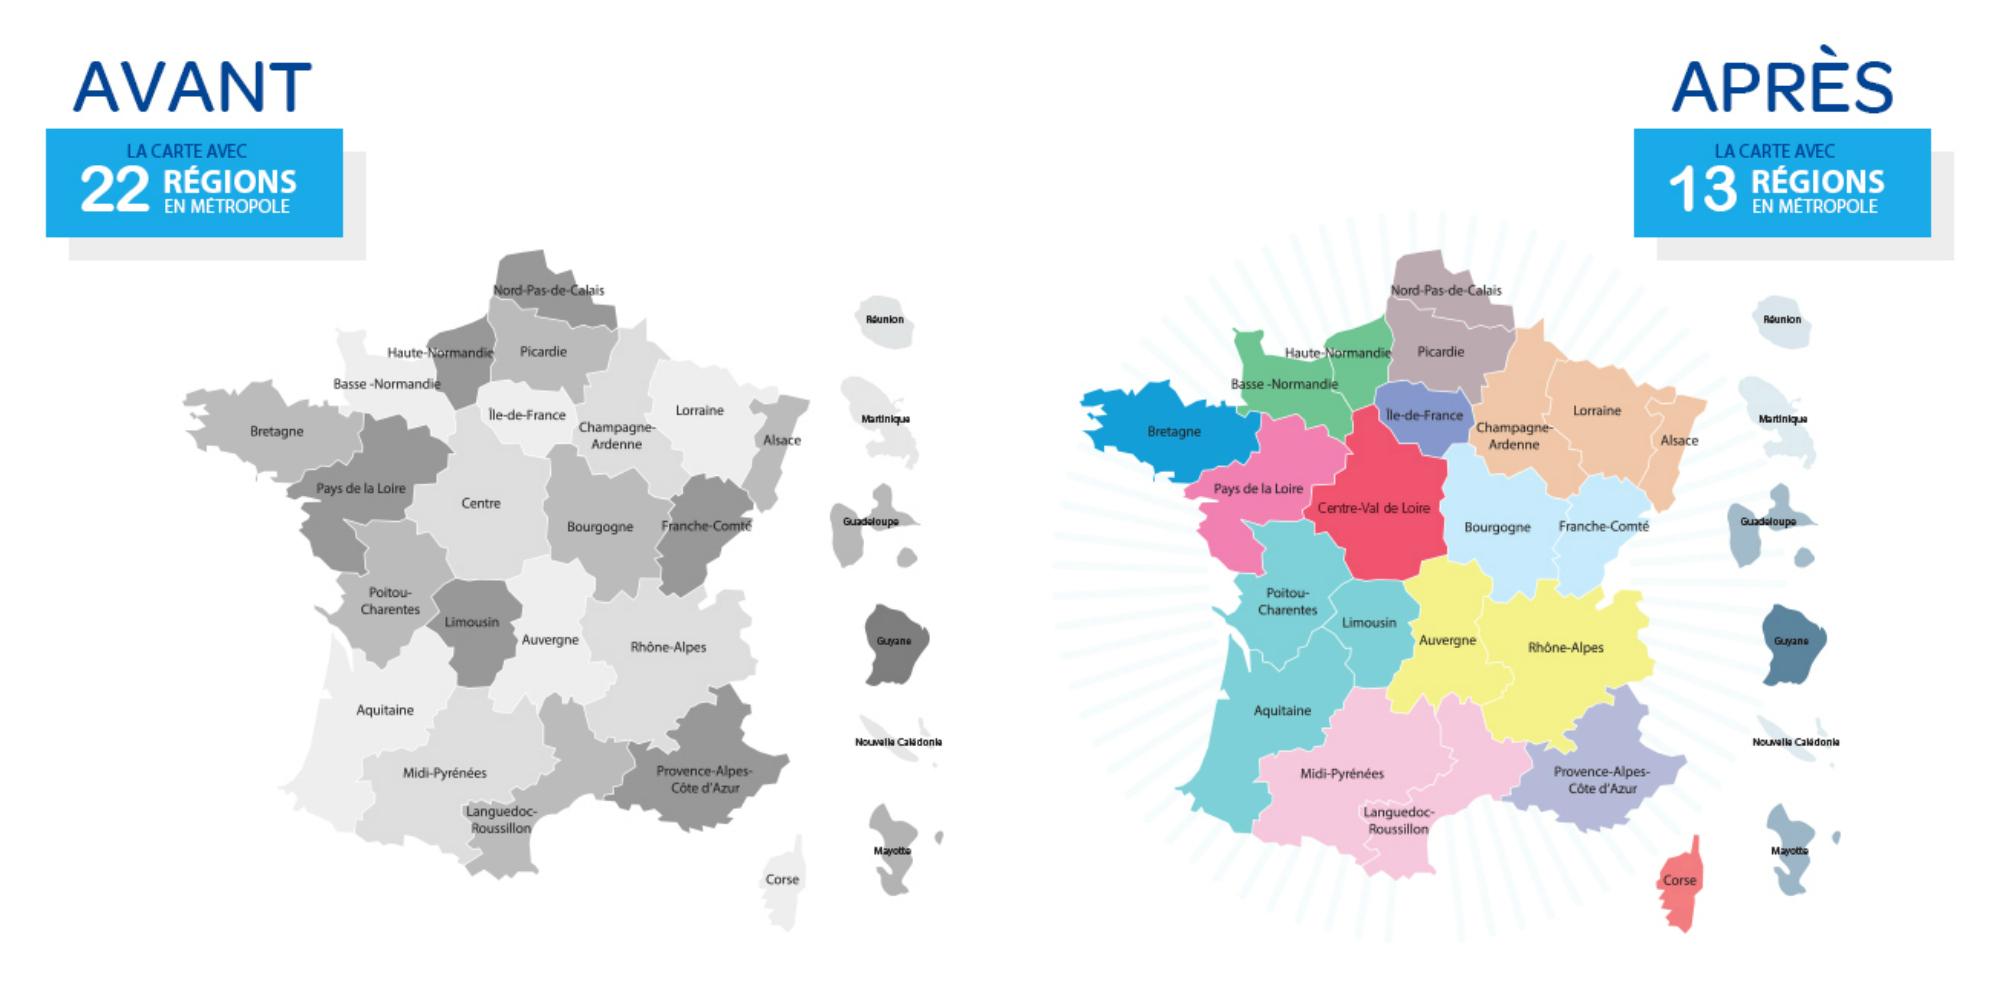 Les nouvelles régions de france 2016